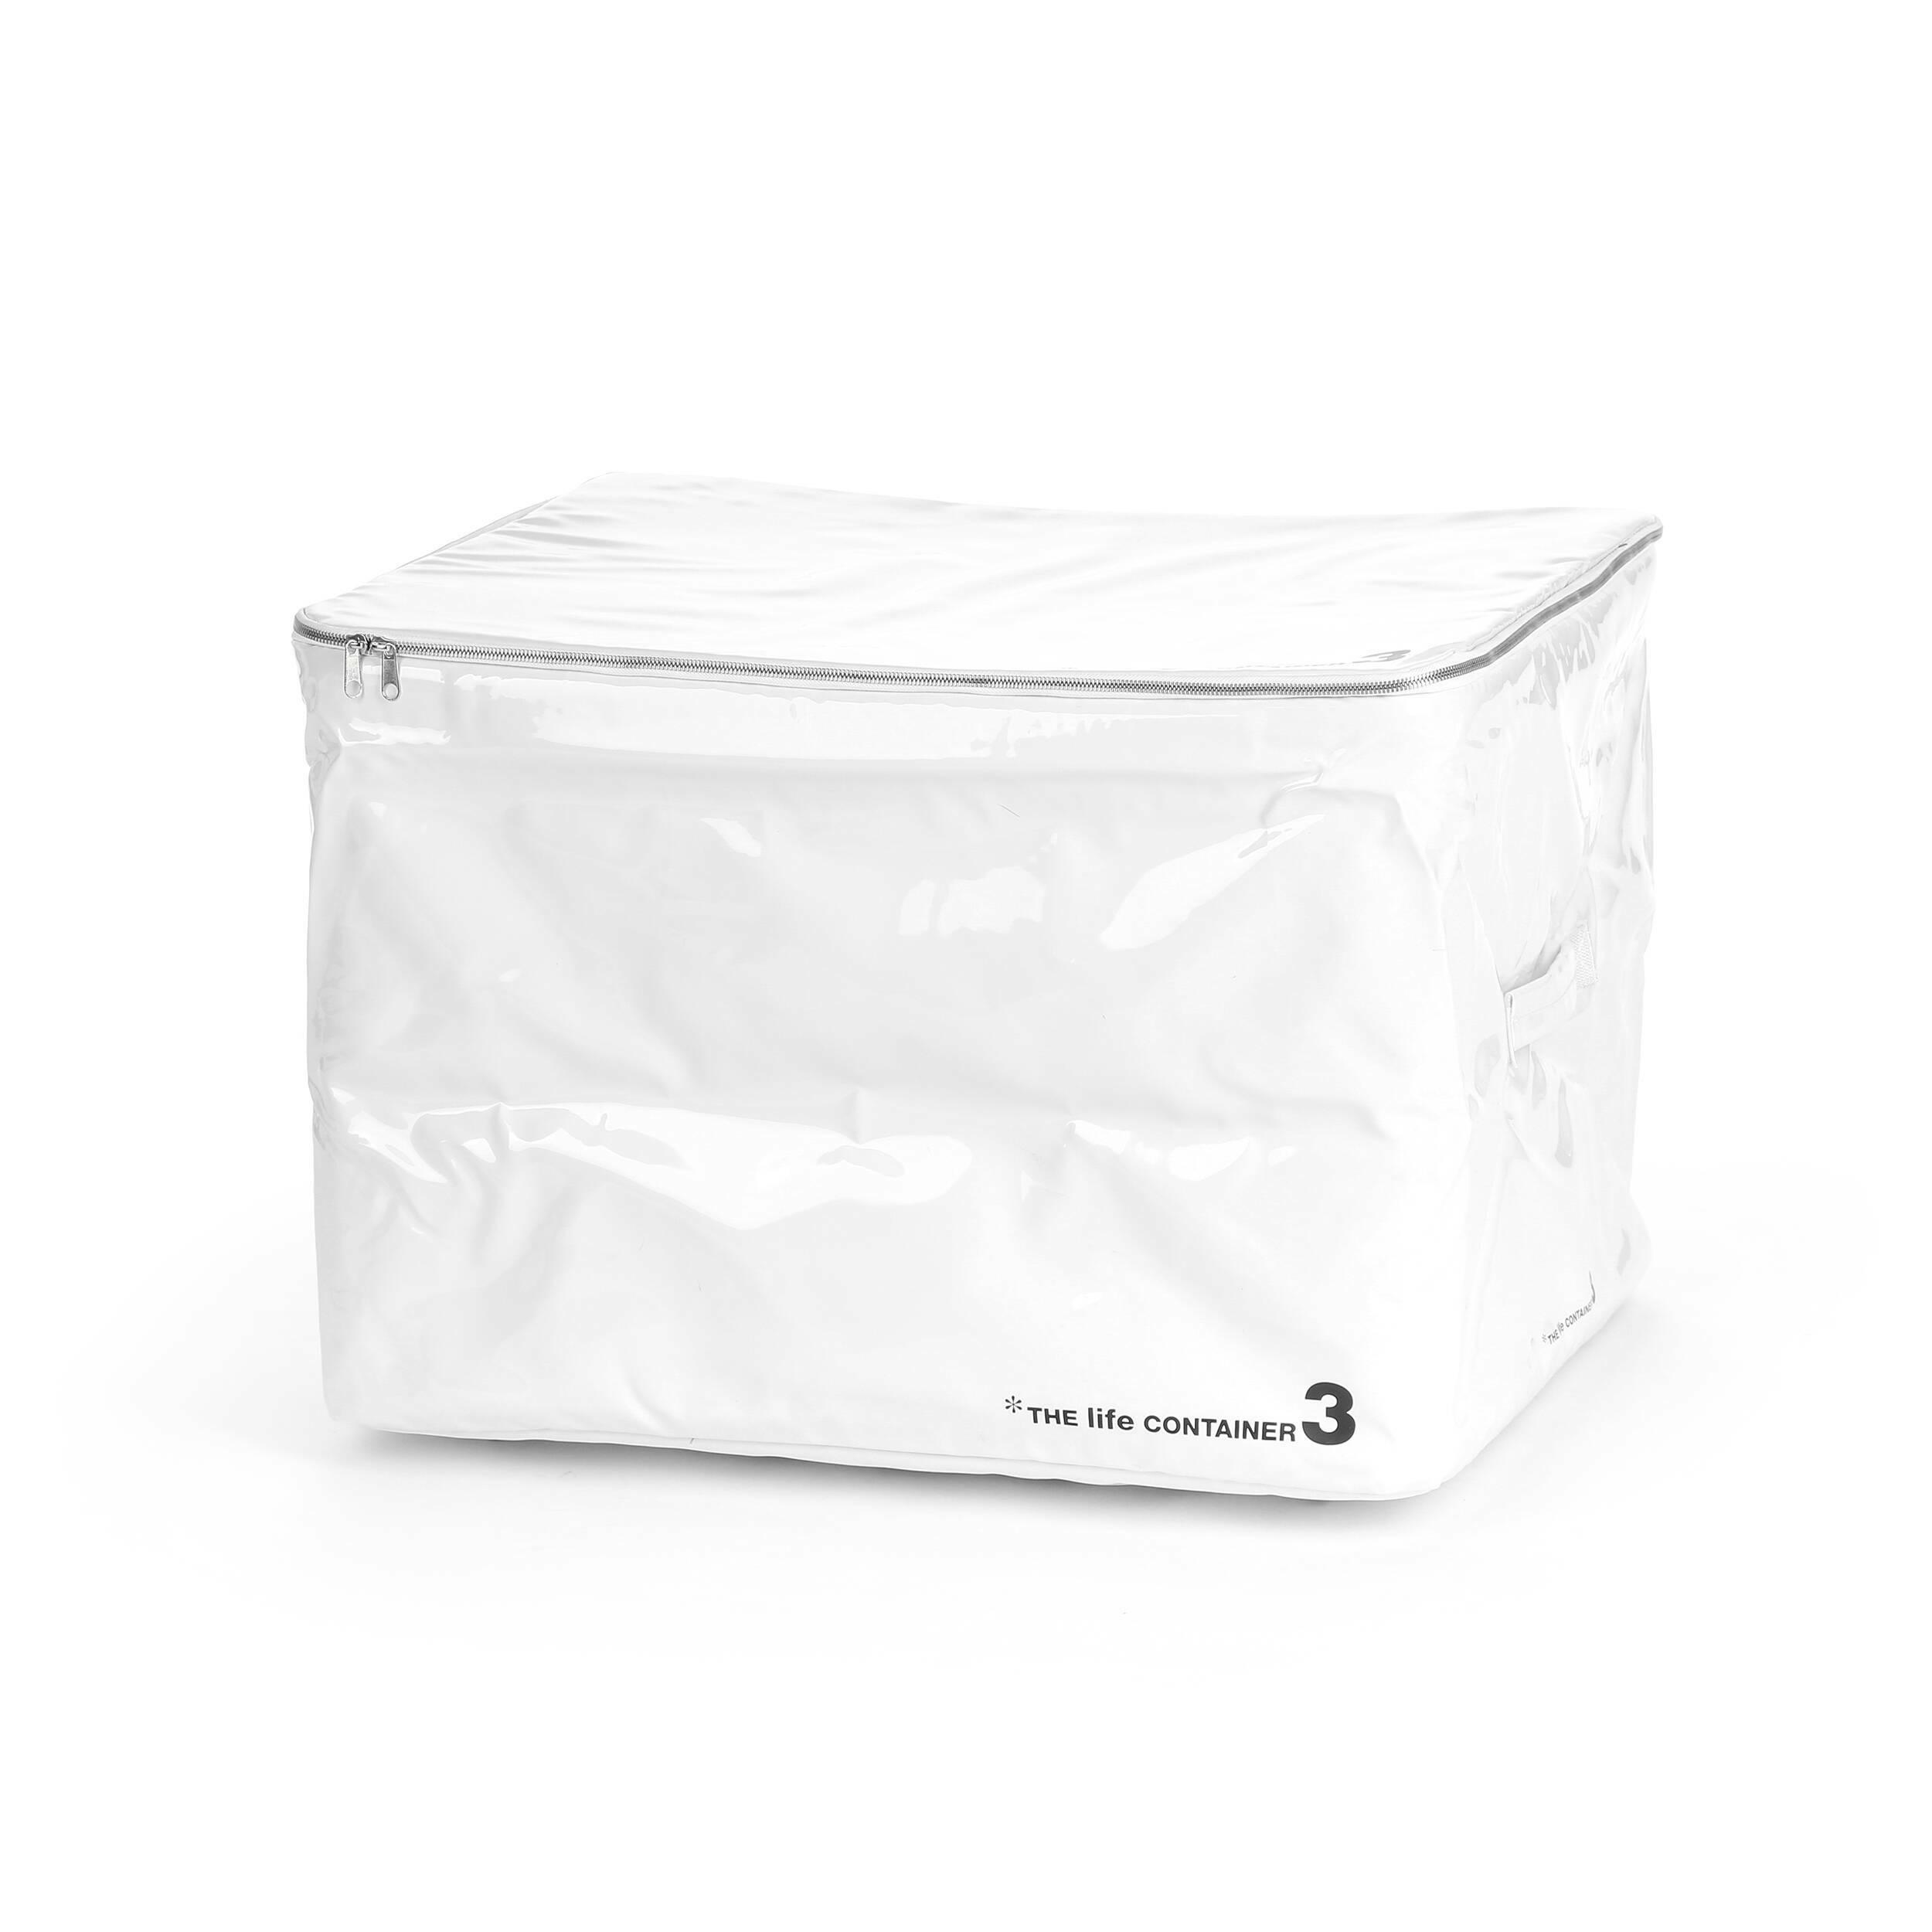 Контейнер для хранения The Life Container 3 белыйРазное<br>Дизайнерский белый контейнер для хранения The Life Container 3 (Ве Лайф Контейнер 3) из металла от Seletti (Селетти).<br>Контейнер для хранения The Life Container 3 белый — с ним вы сможете использовать гардероб по максимуму и всегда будете знать, где и что лежит. <br> <br> Коллекция The Life Container состоит из четырех контейнеров разного размера, выполненных в двух цветах — черном и белом. Каждый из них снабжен надежной молнией, которая помогает уберечь содержимое от влаги и пыли, а также мягкой...<br><br>stock: 0<br>Высота: 40<br>Ширина: 50<br>Материал: Металл<br>Цвет: Белый<br>Длина: 60